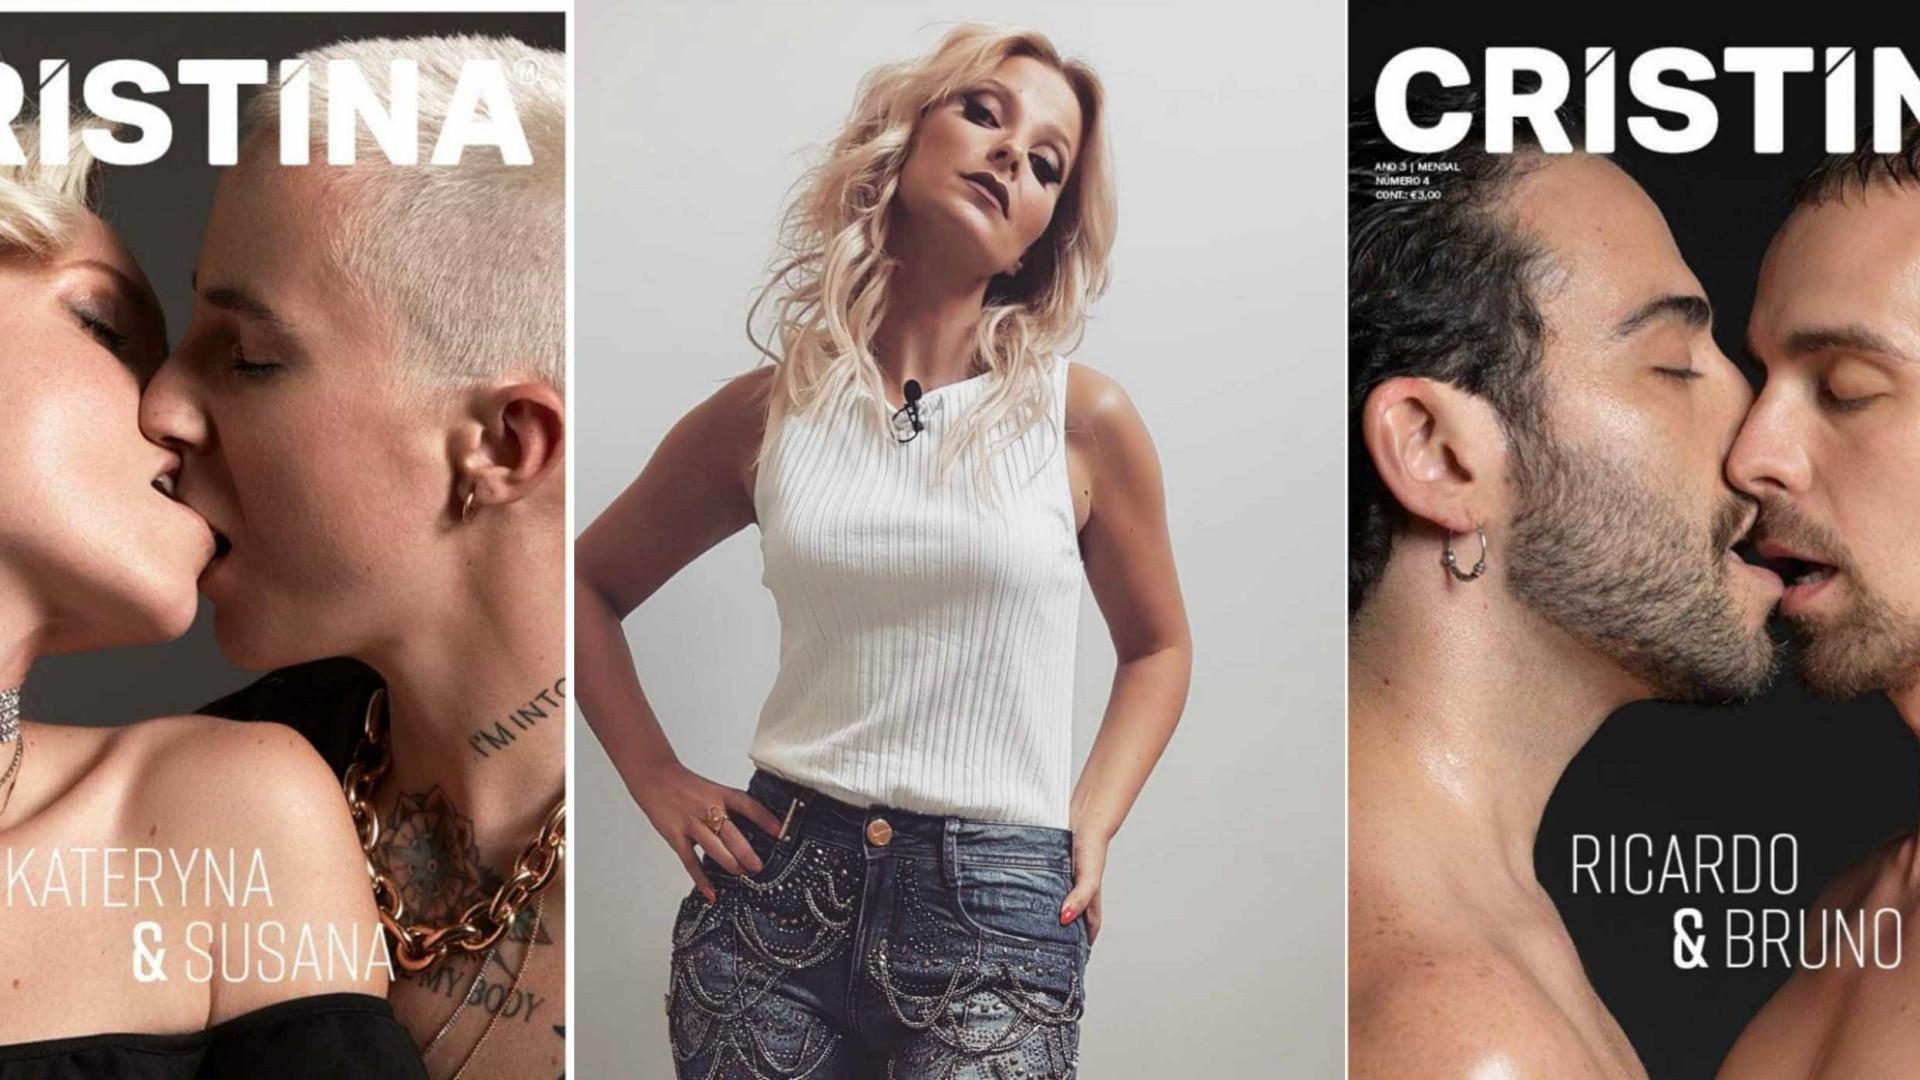 Orgulho gay: Nova capa da revista 'Cristina' contra o preconceito